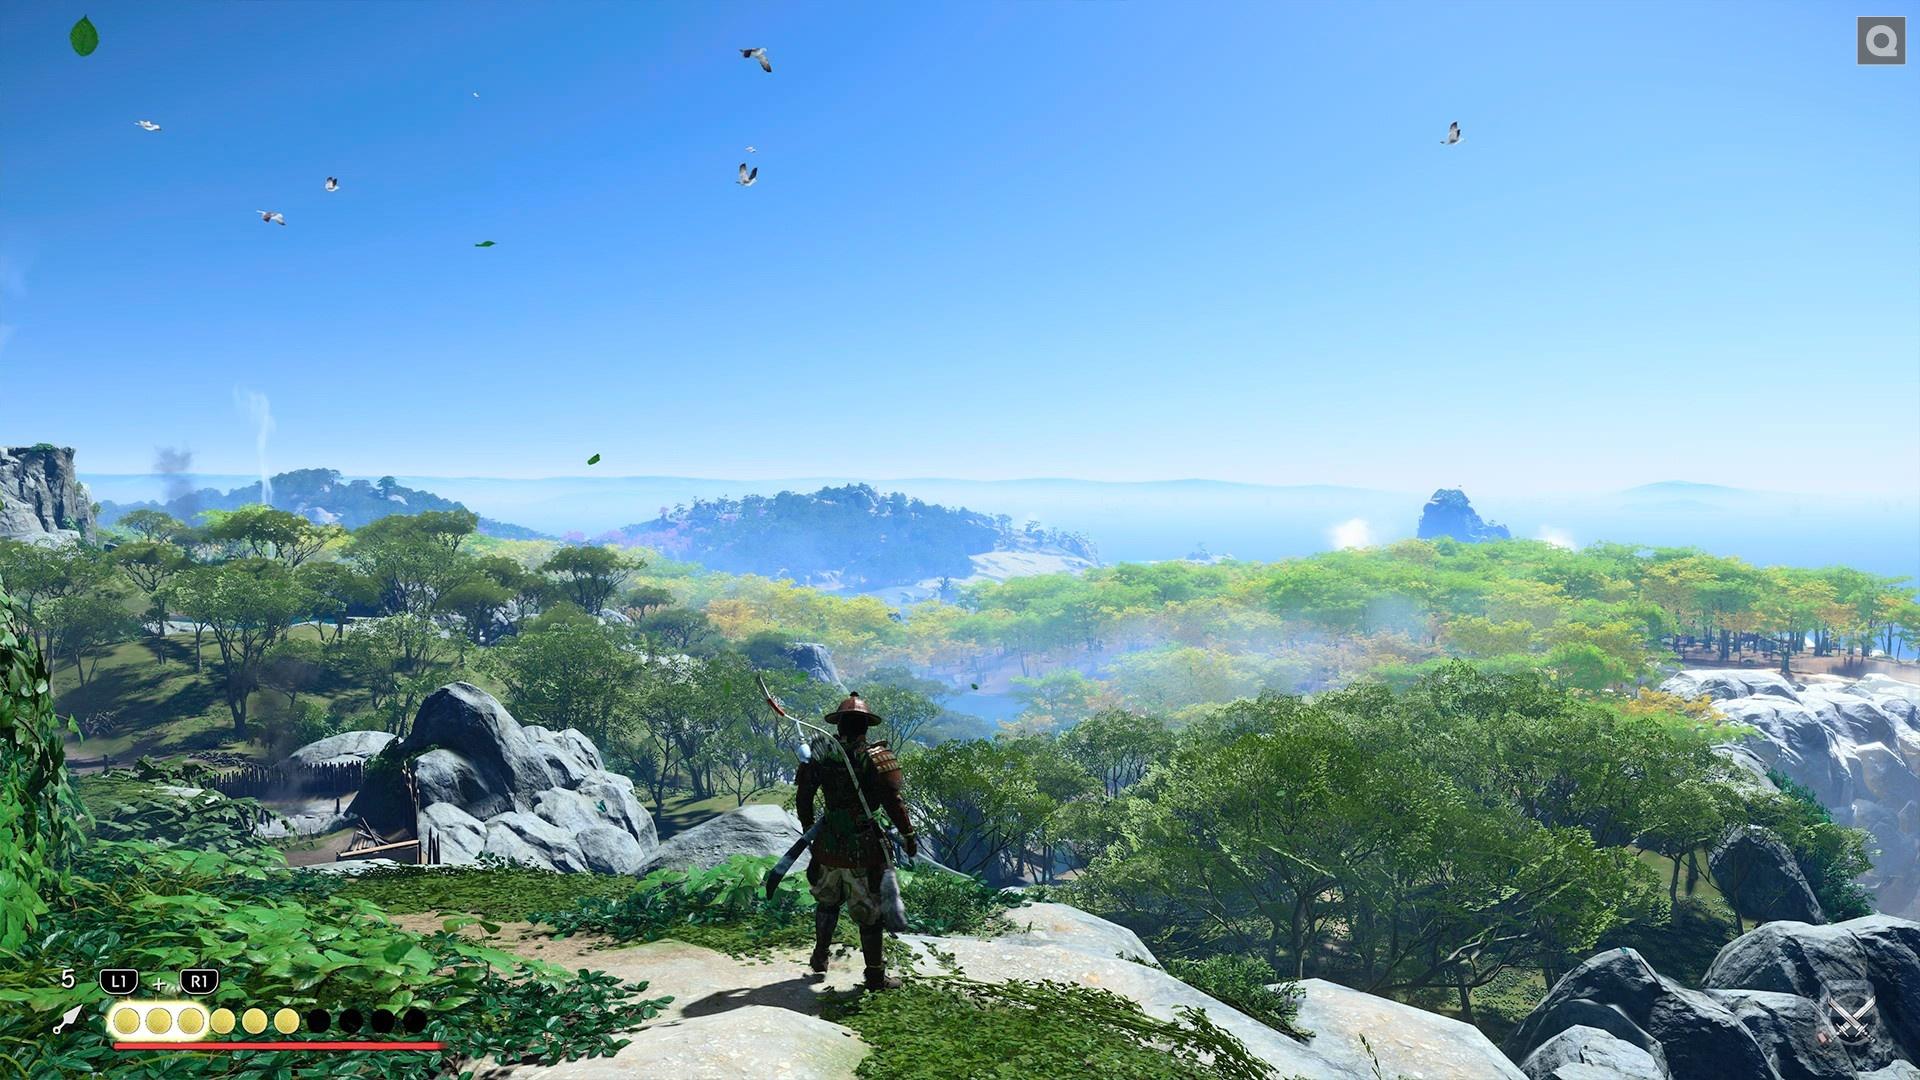 《对马岛之魂:导演剪辑版》游戏评测:将 PS5 机能发挥极致之选